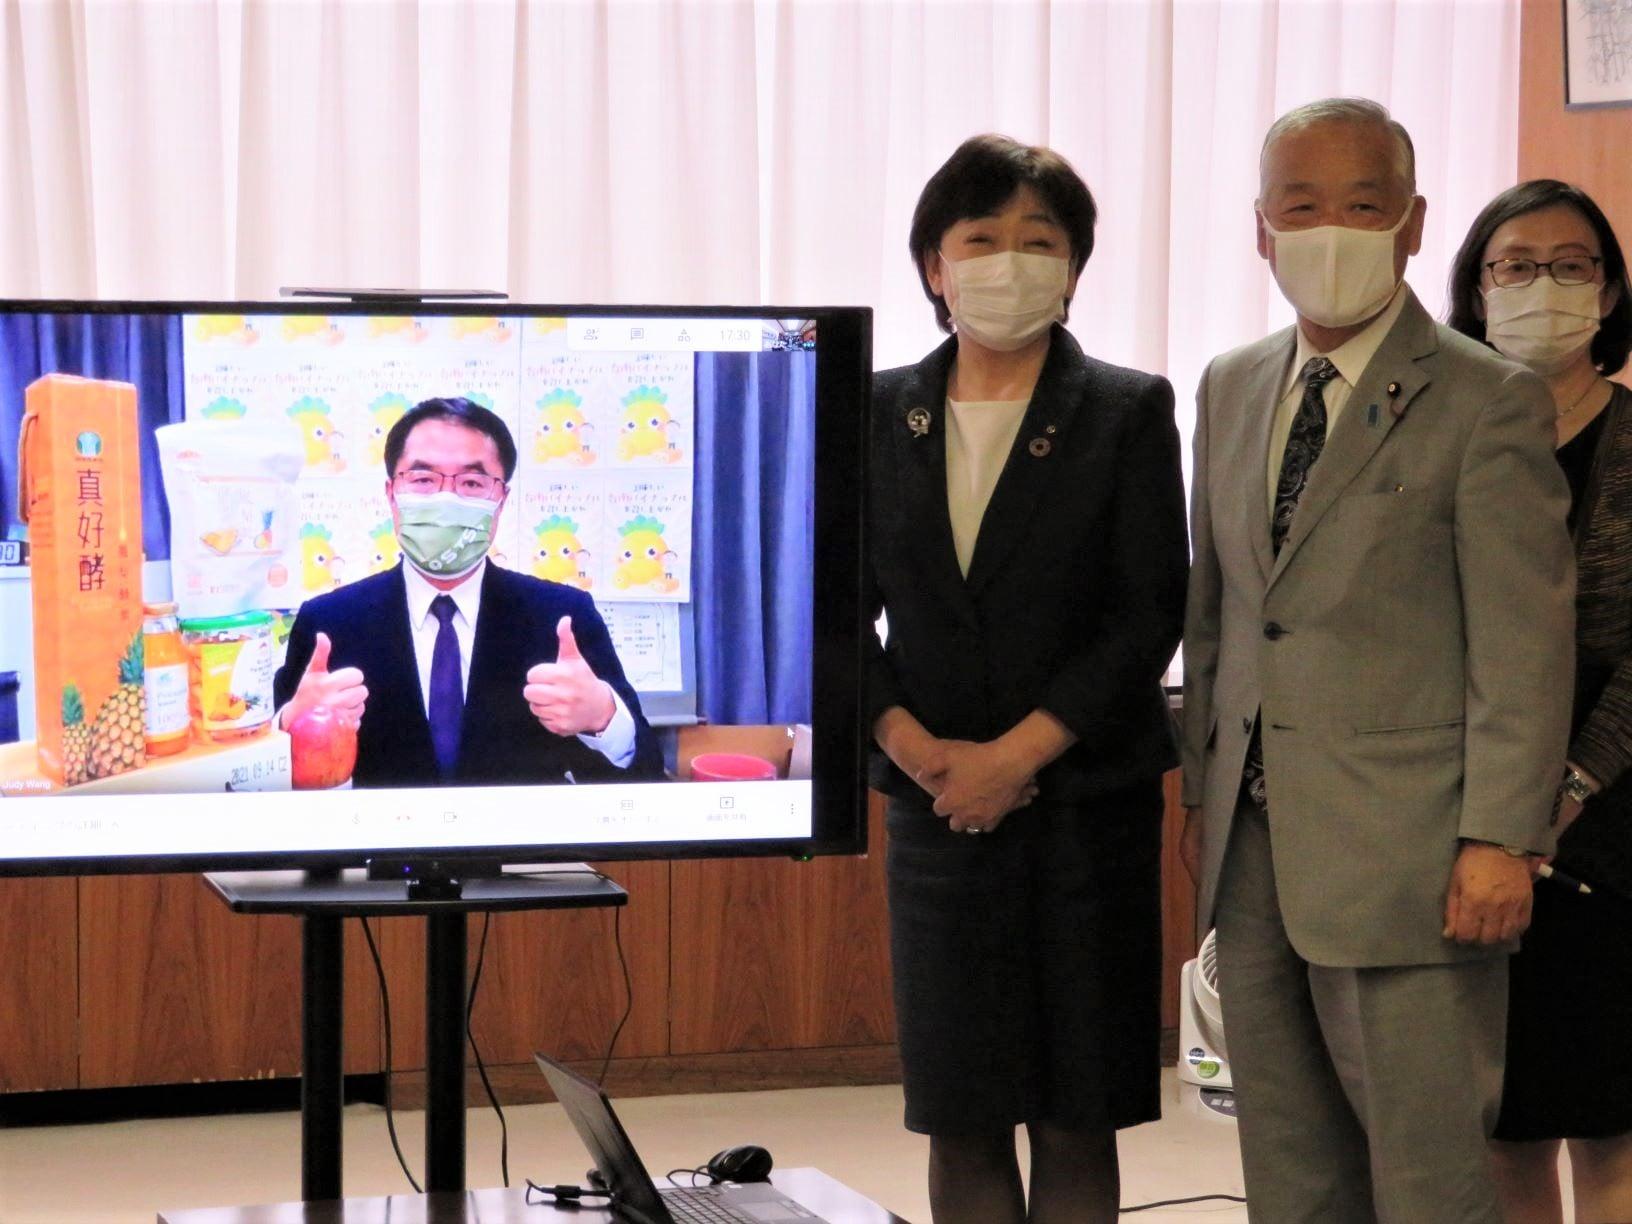 令和3年5月31日 仙台・台南友好促進のためのオンライン会議